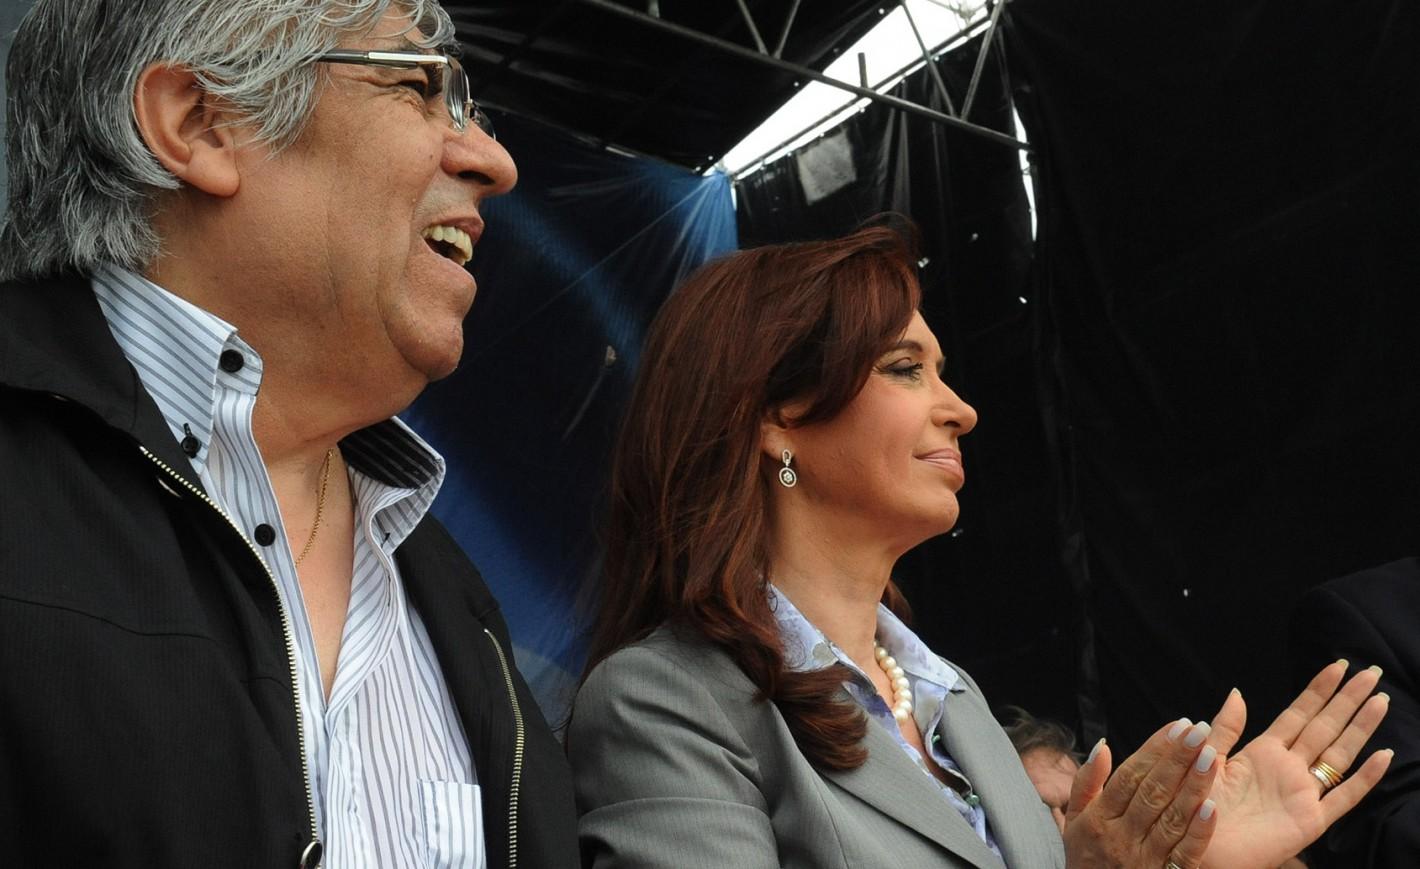 Todas las miradas puestas en Smata y en la potencial cumbre CFK - Moyano